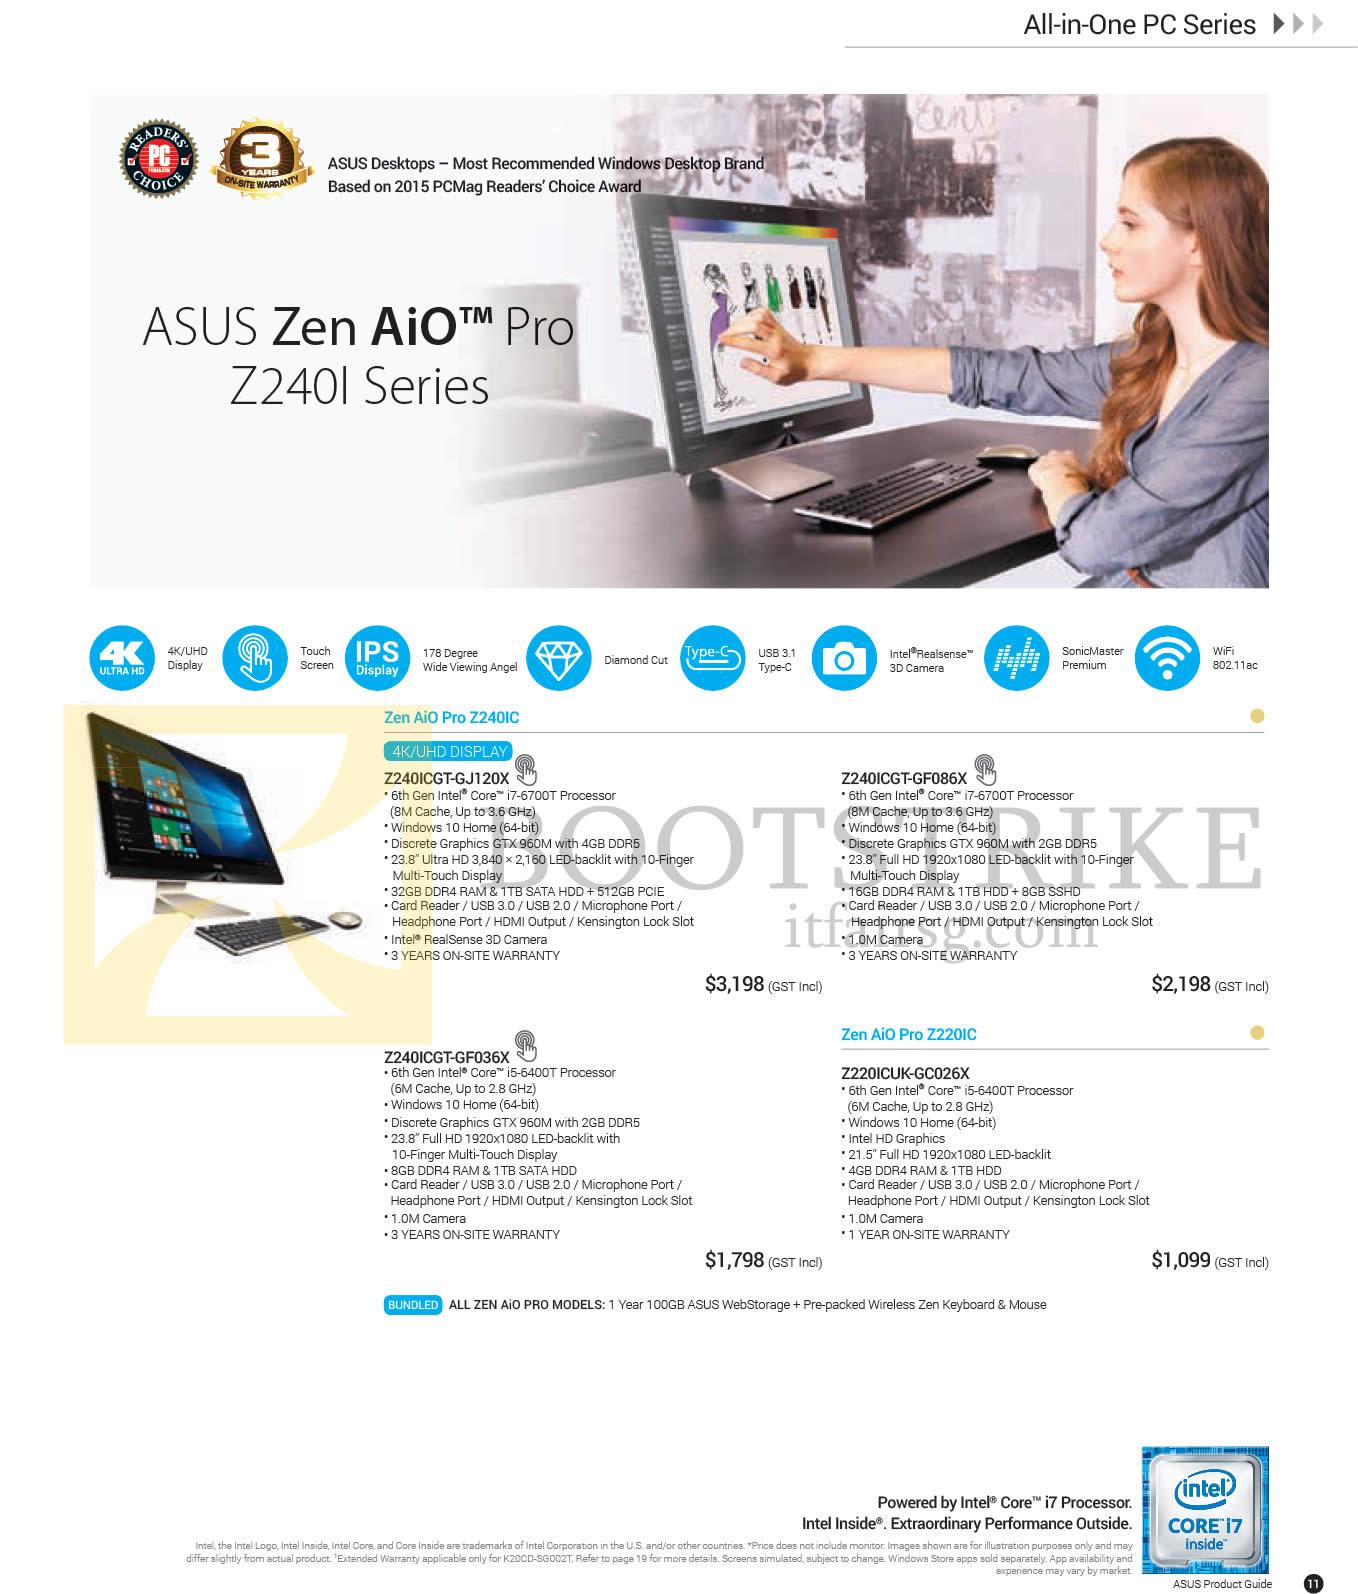 PC SHOW 2016 price list image brochure of ASUS Notebooks Zen AiO Pro Z240I Series, Z240ICGT-GJ120X, Z240ICGT-GF086X, Z240ICGT-GF036X, Z220ICUK-GC026X